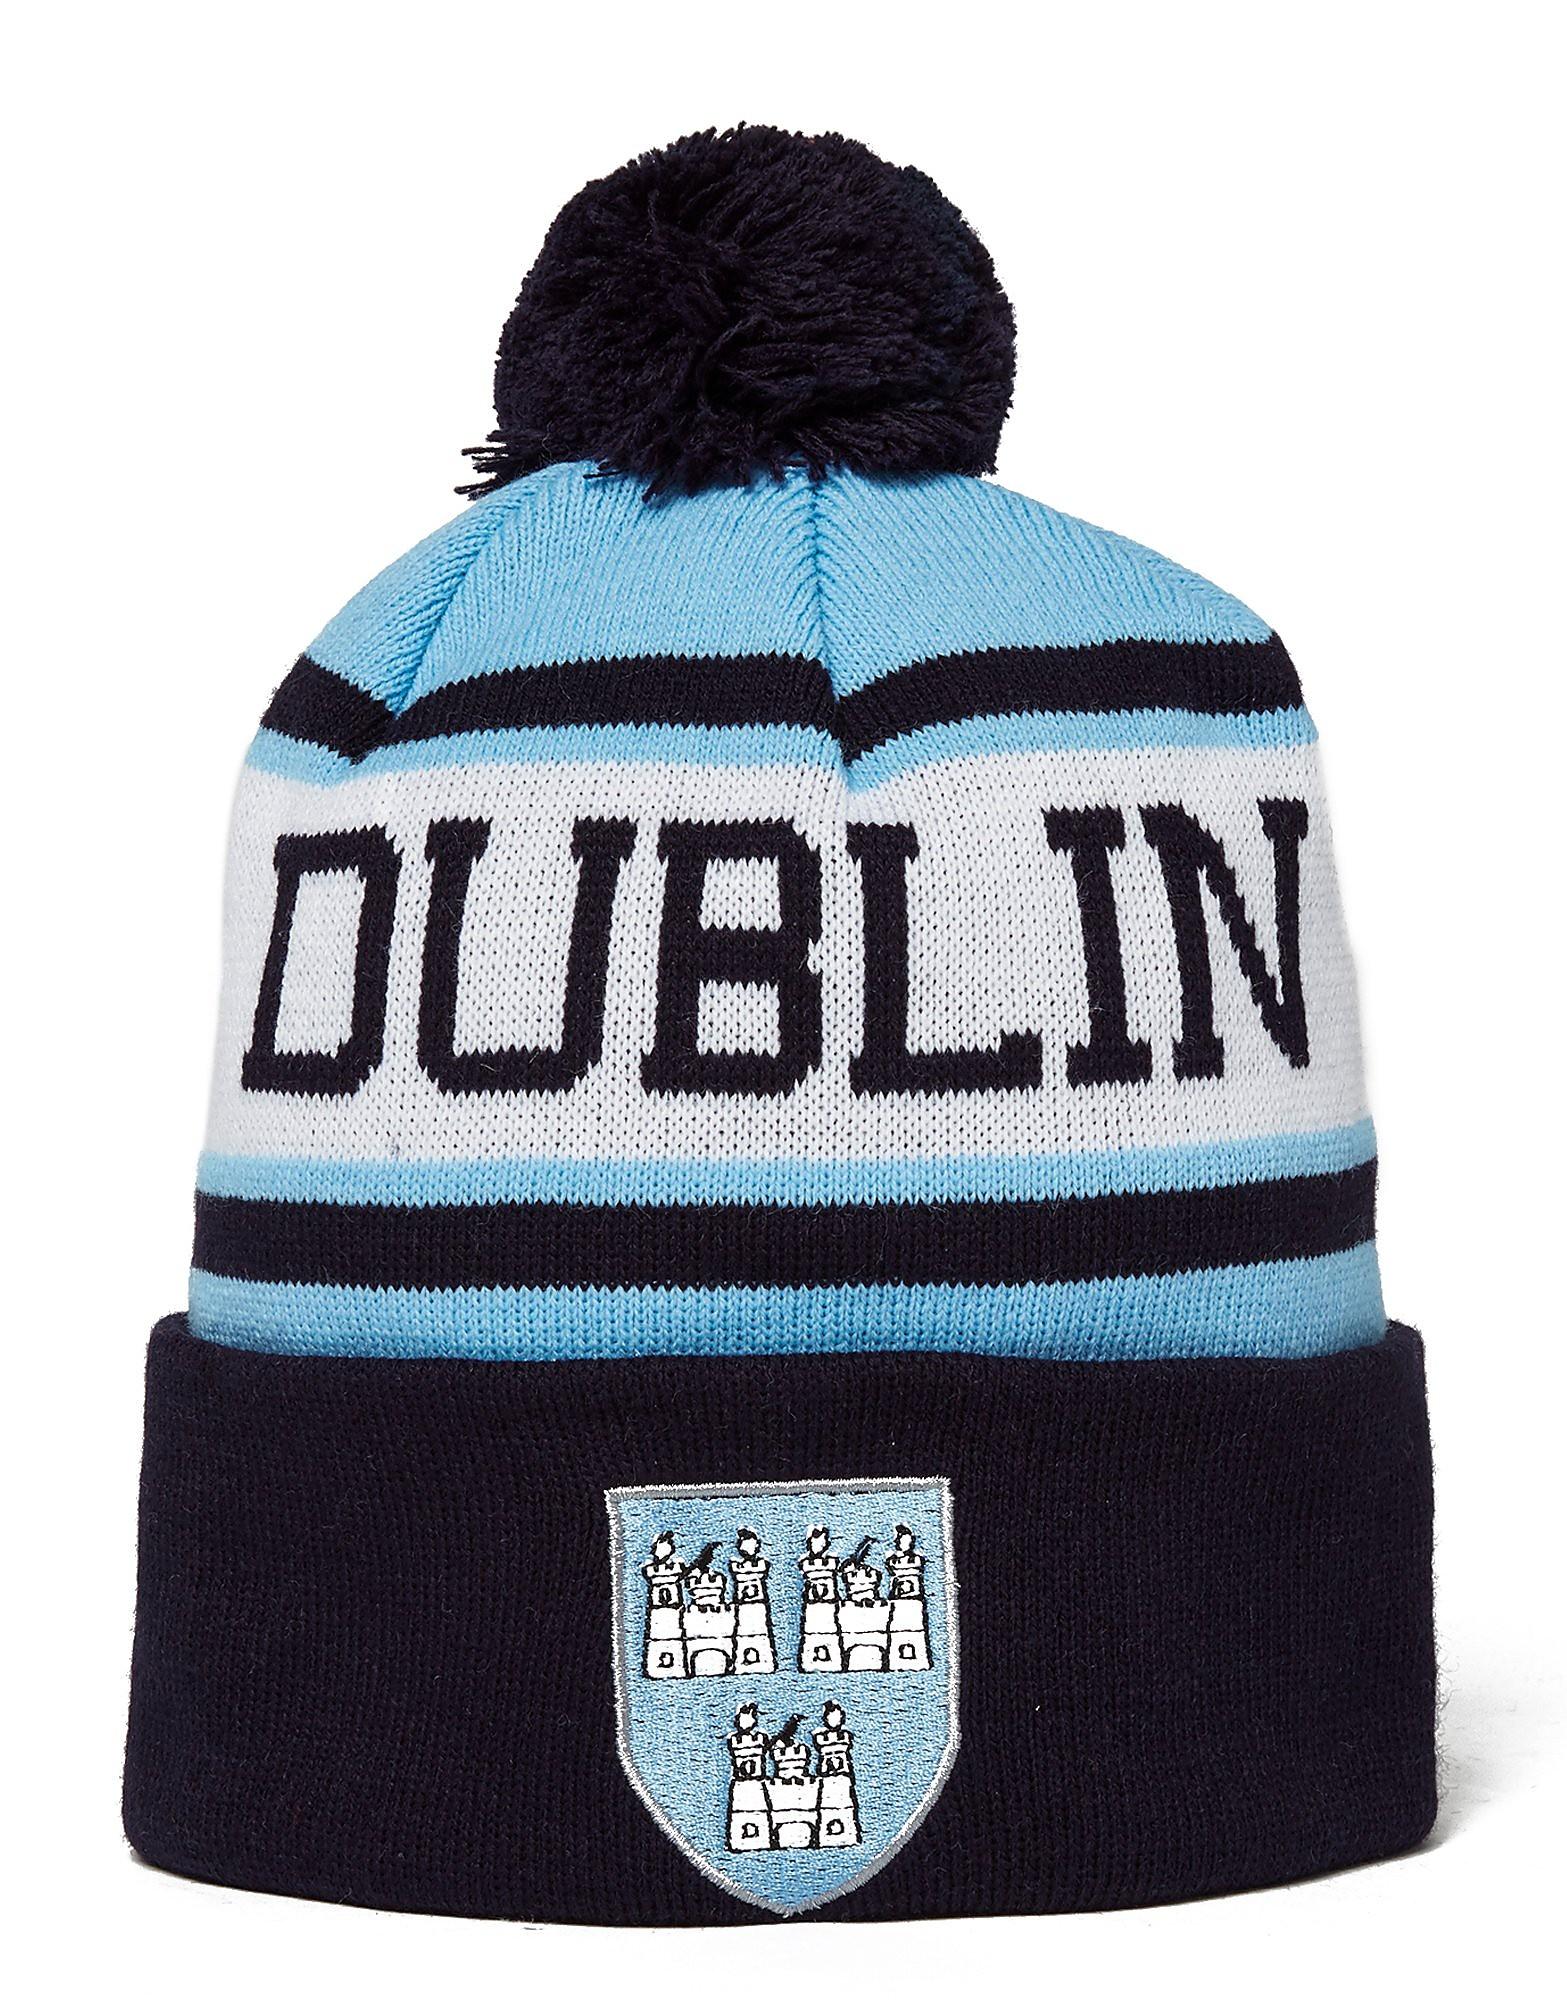 Official Team Dublin Beanie Hat